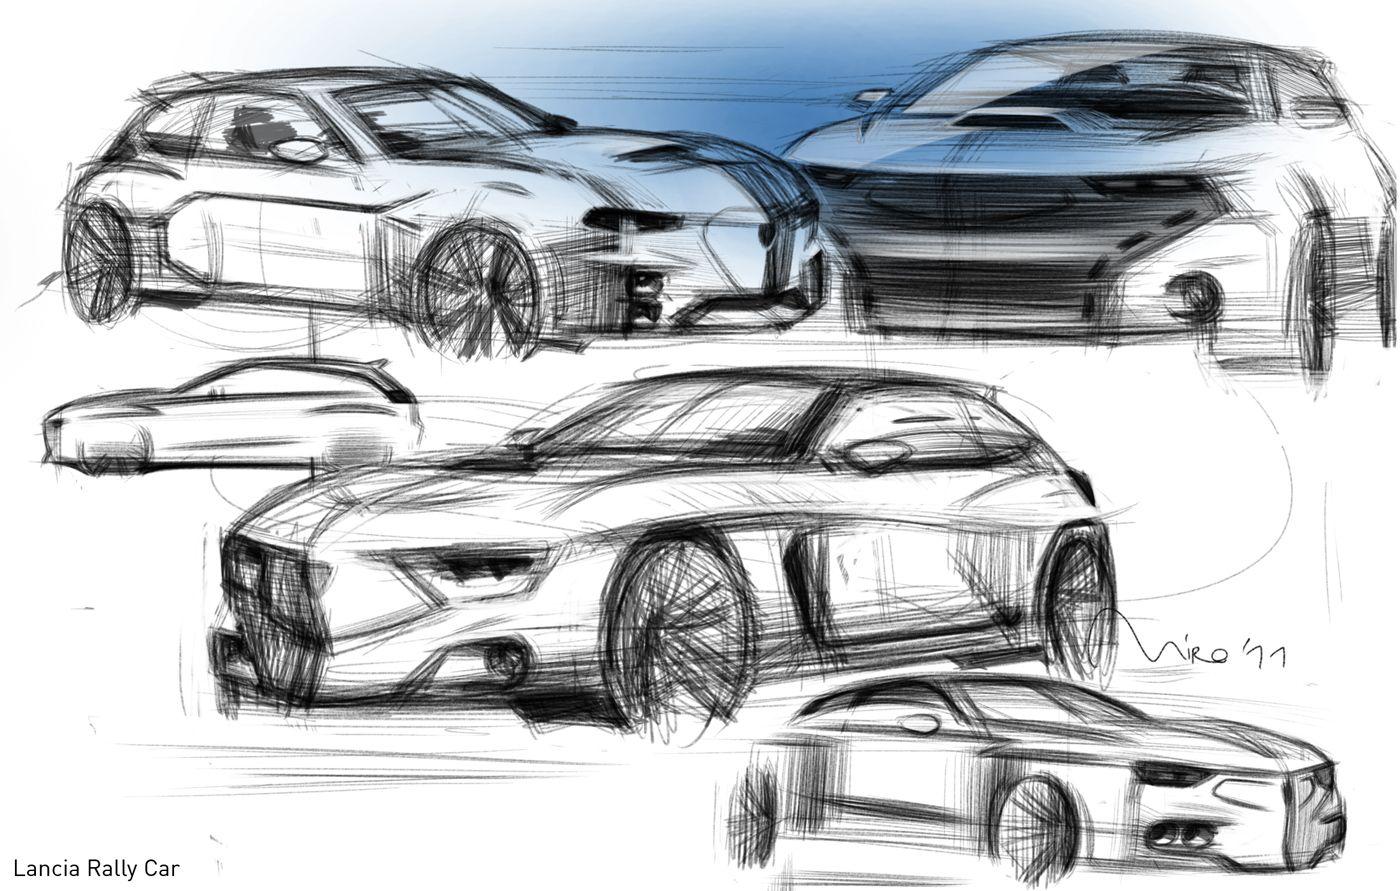 lancia-rally-car-sketch-05.jpg (1400×891)   Sketching & Rendering ...